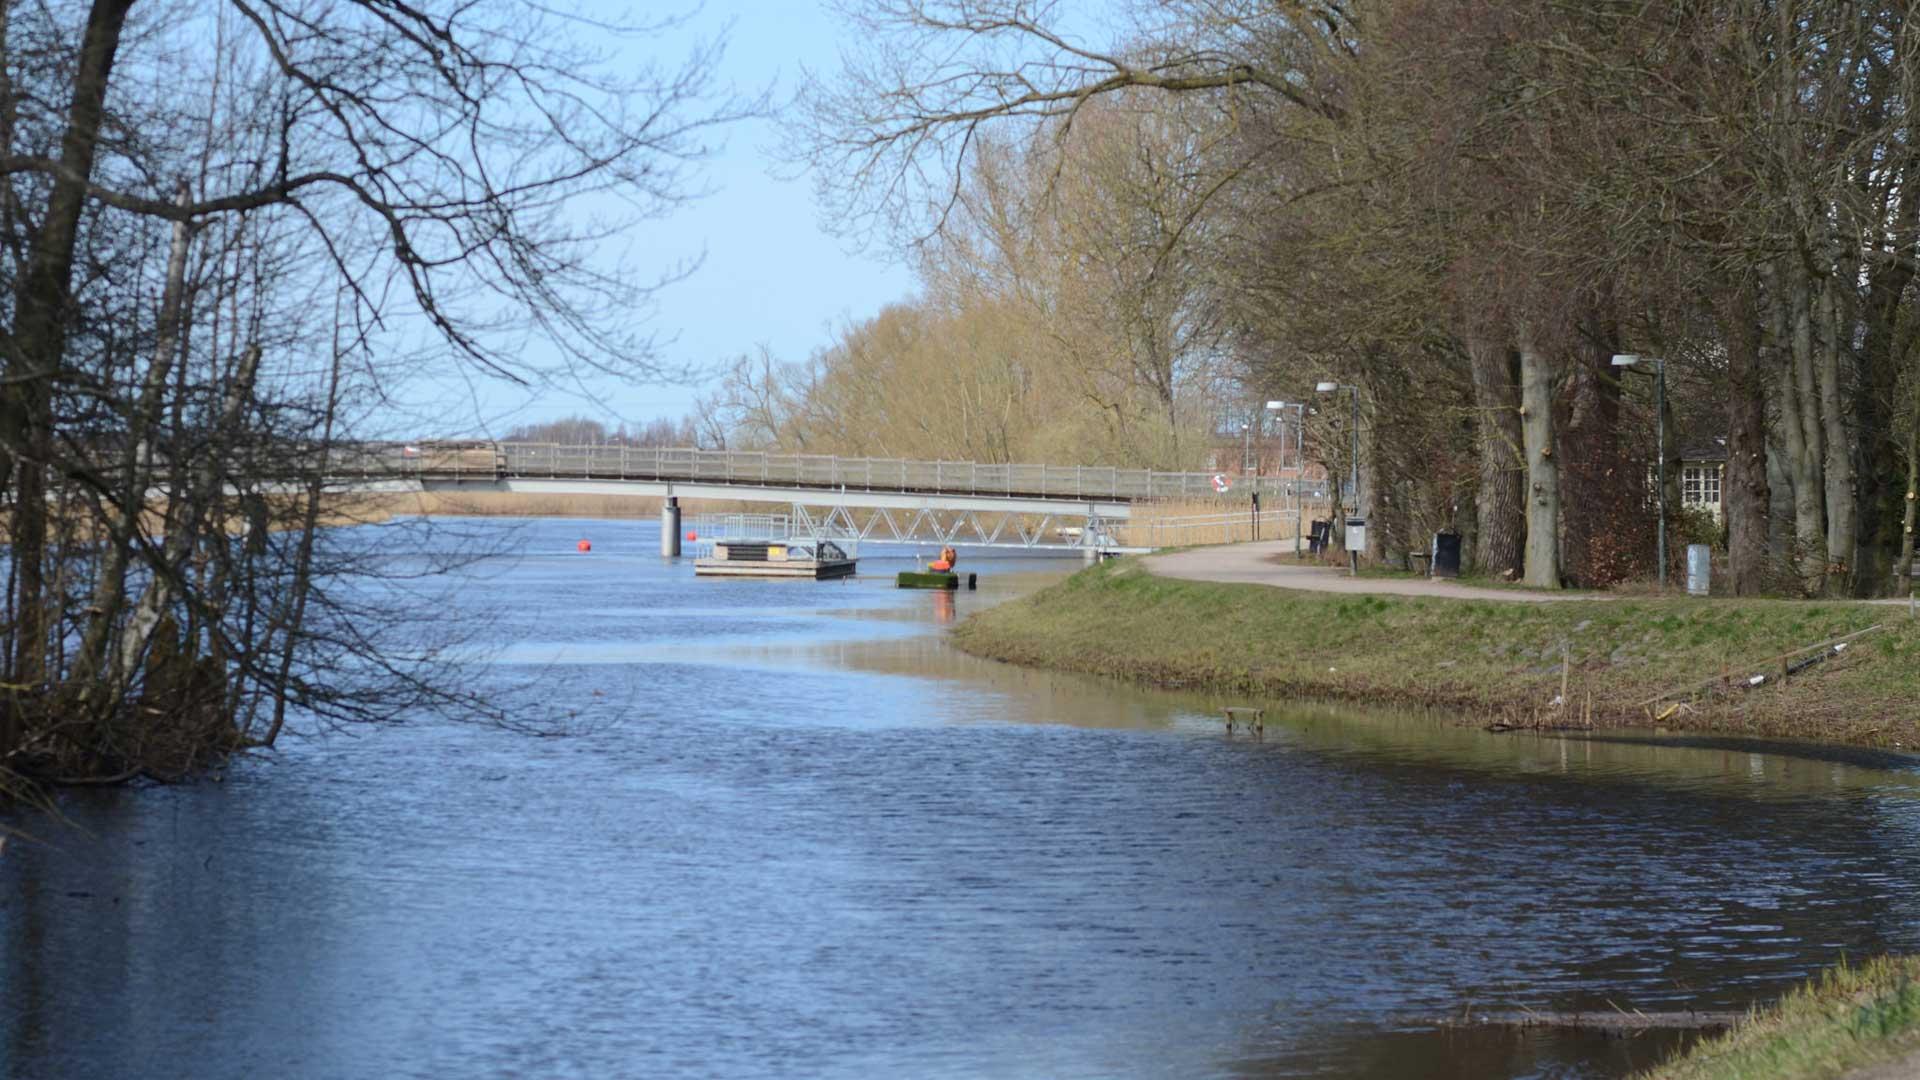 Tivolirundan går längs Helge å och Tivoliparken. Foto: Mattias Roos, Kristianstads kommun